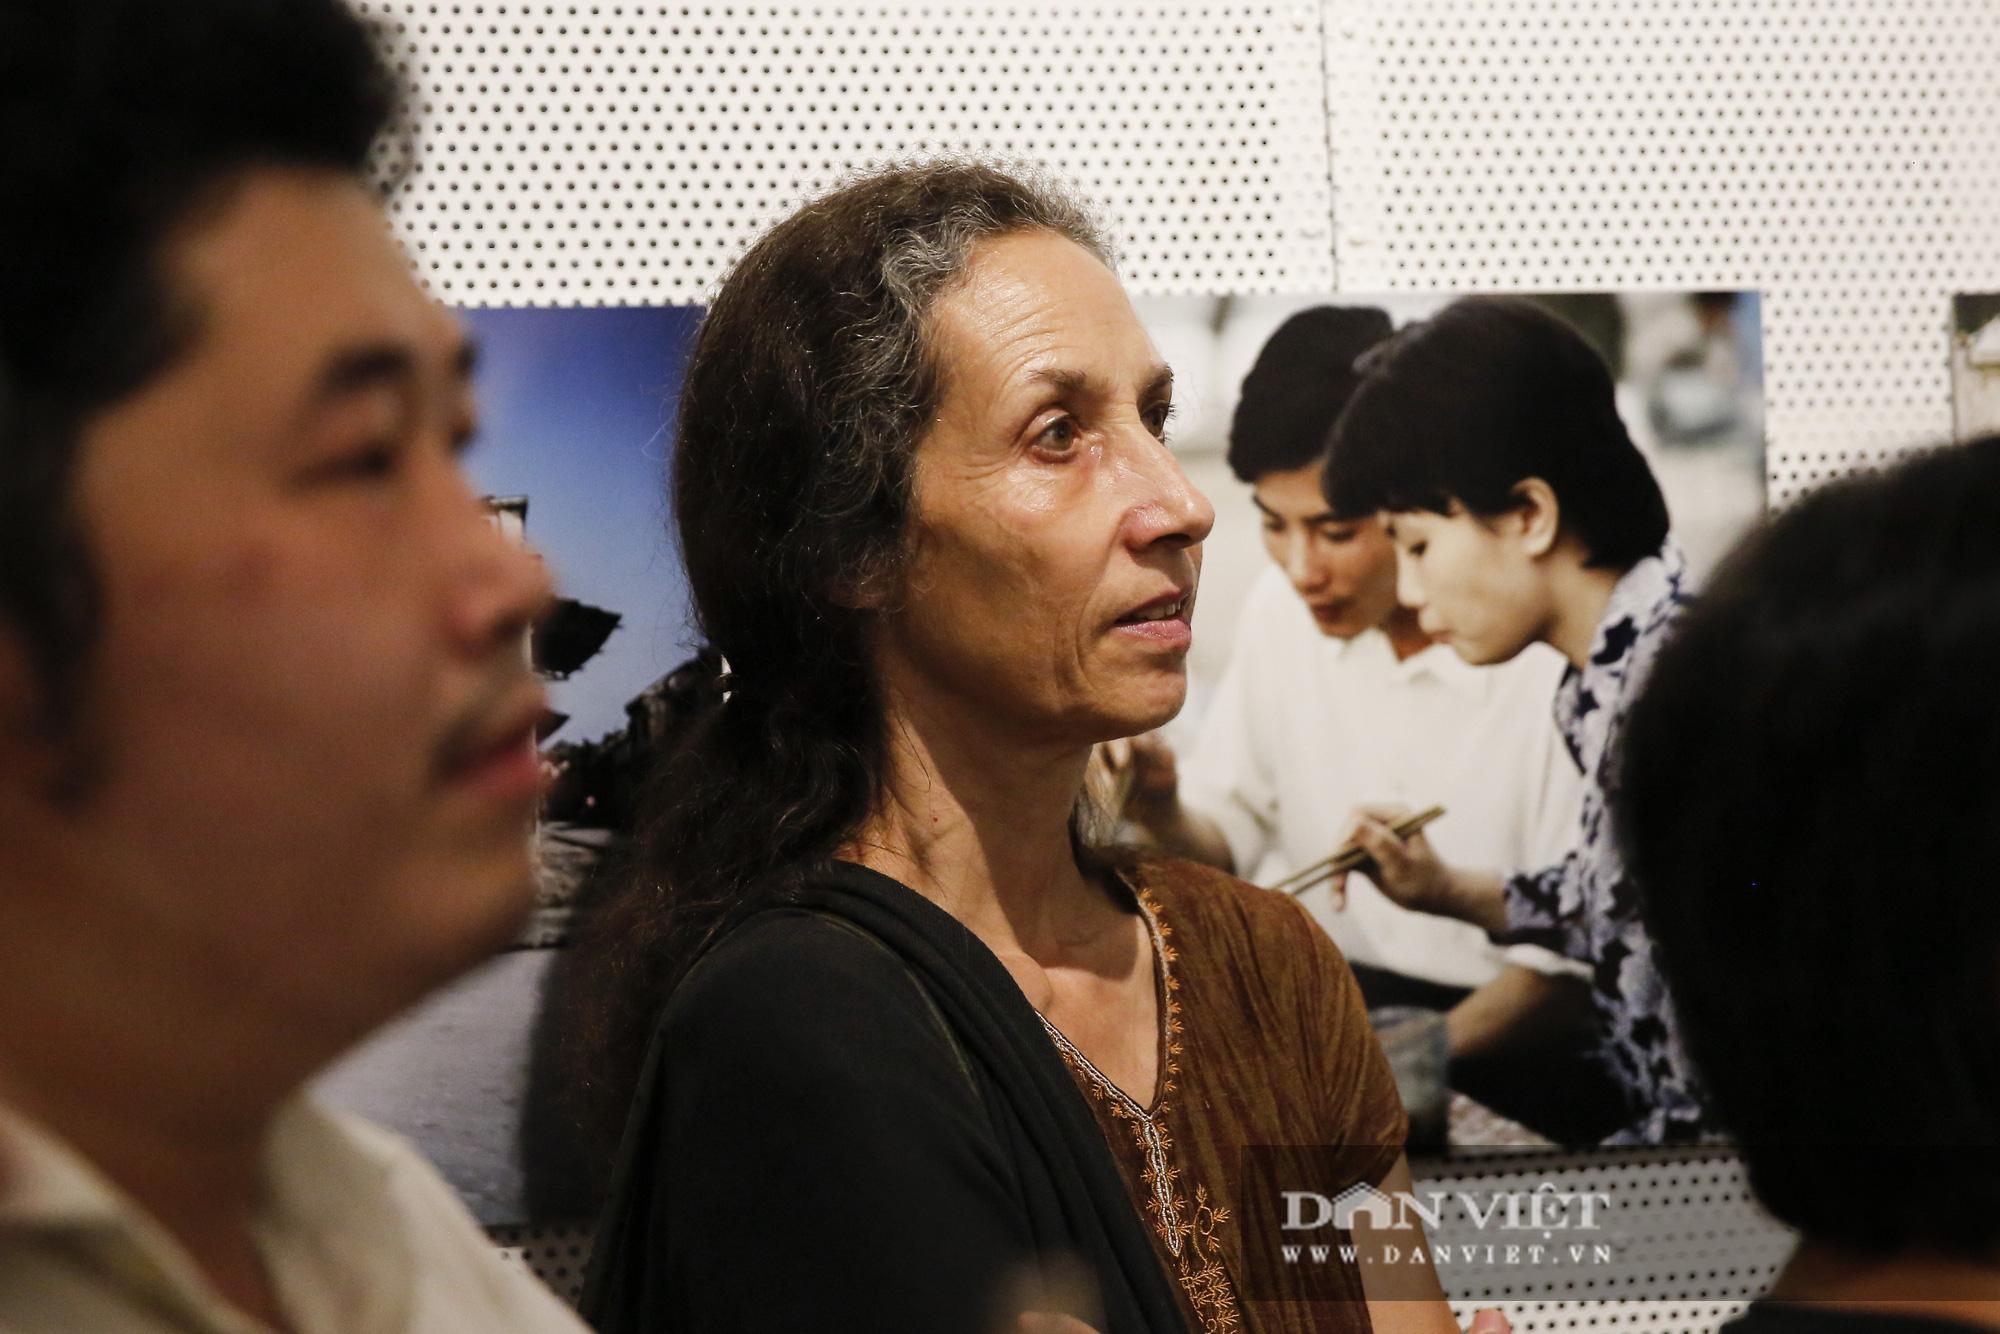 Đại sứ Đức tại Việt Nam tham dự triển lãm ảnh đặc biệt về Hà Nội - Ảnh 10.